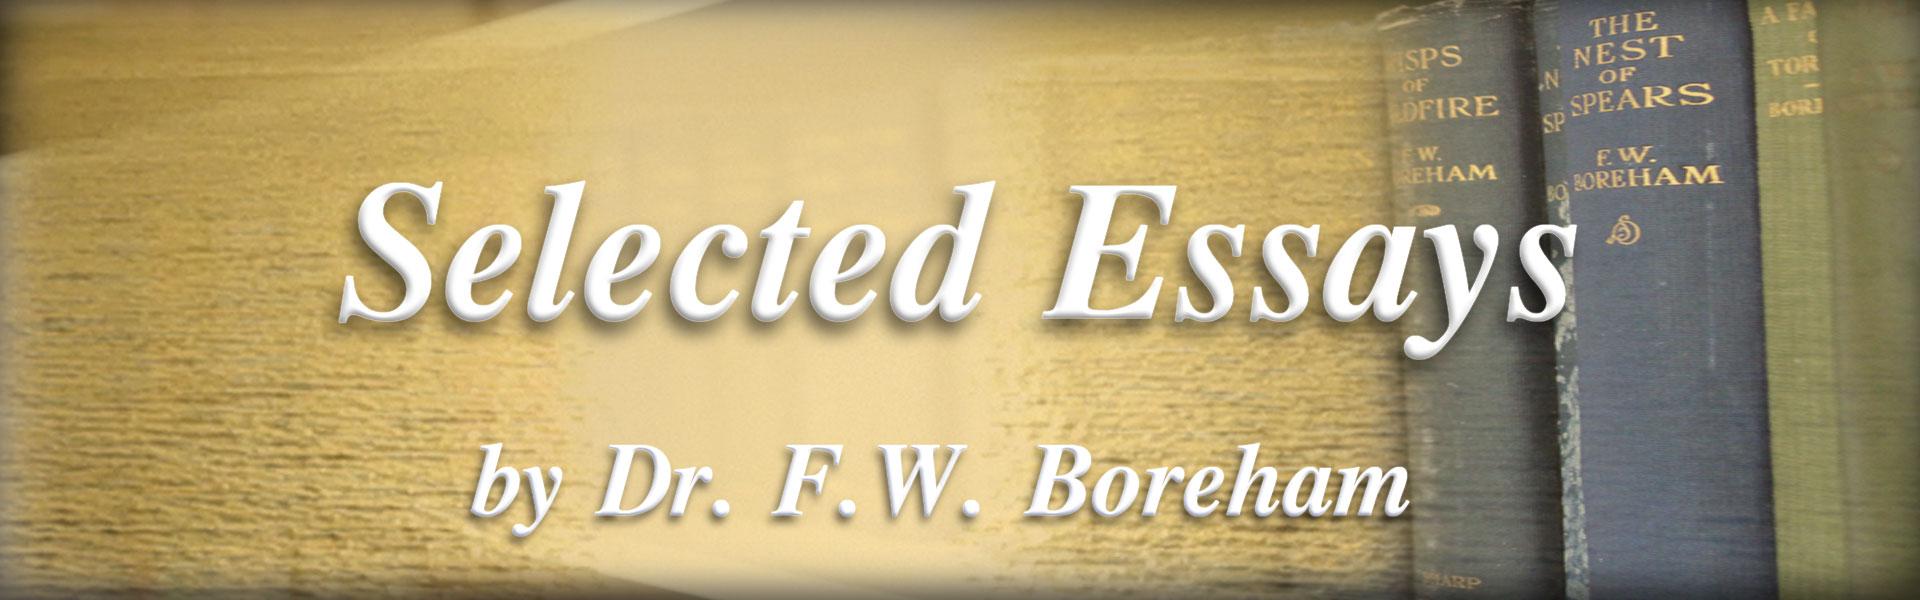 essays of f. w. boreham